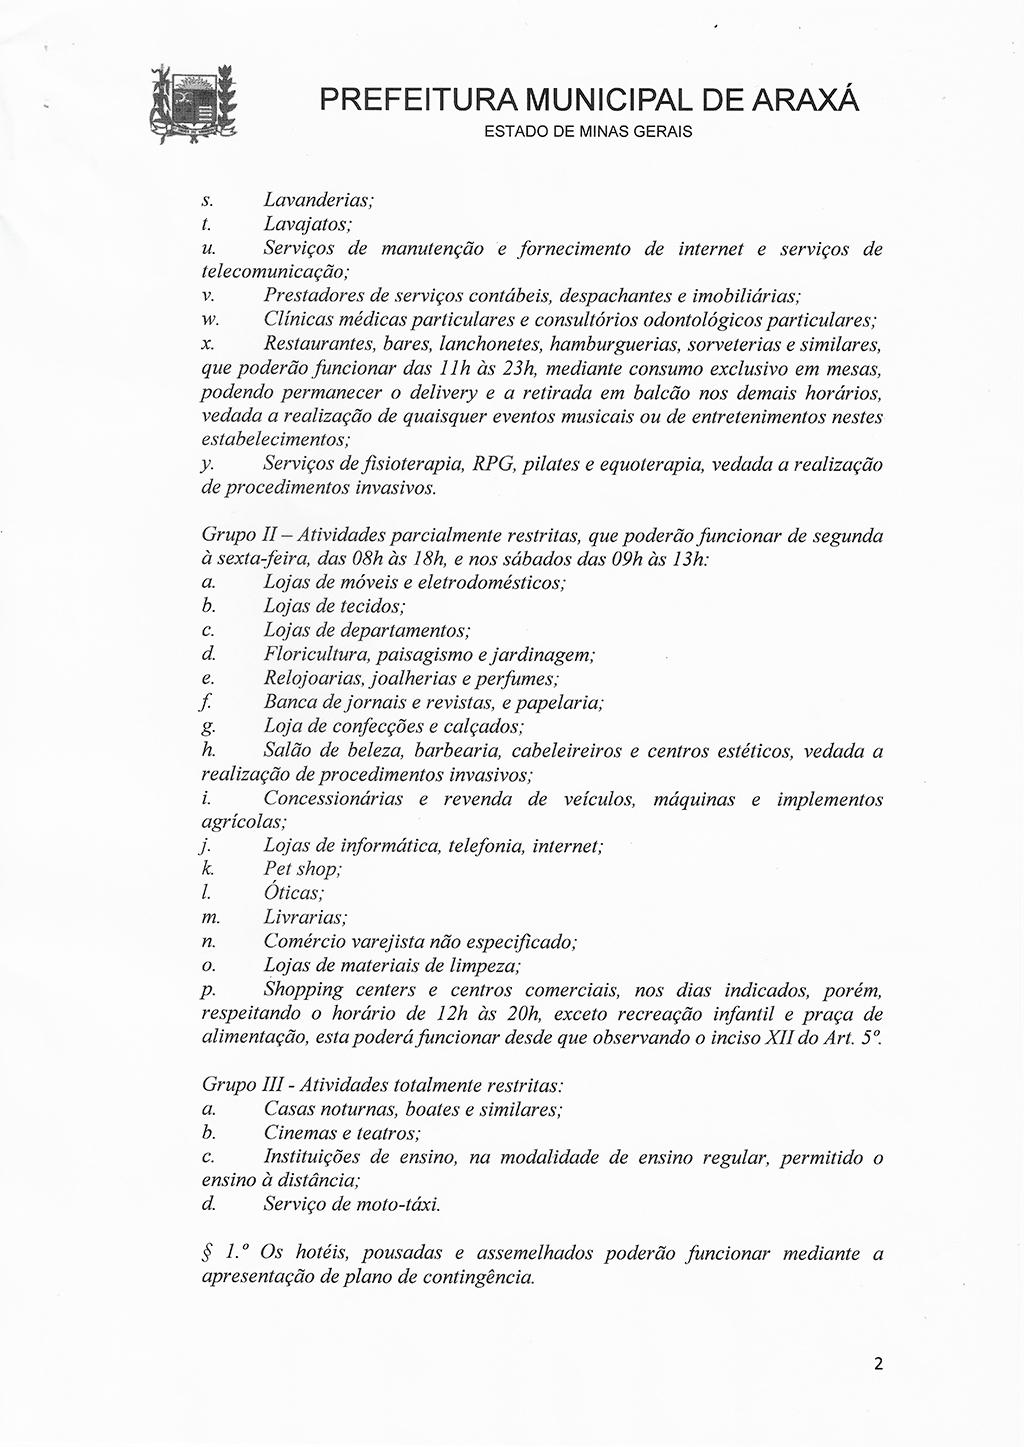 Prefeitura e Comitê de Enfrentamento à Covid-19 liberam funcionamento do comércio em horário normal 2